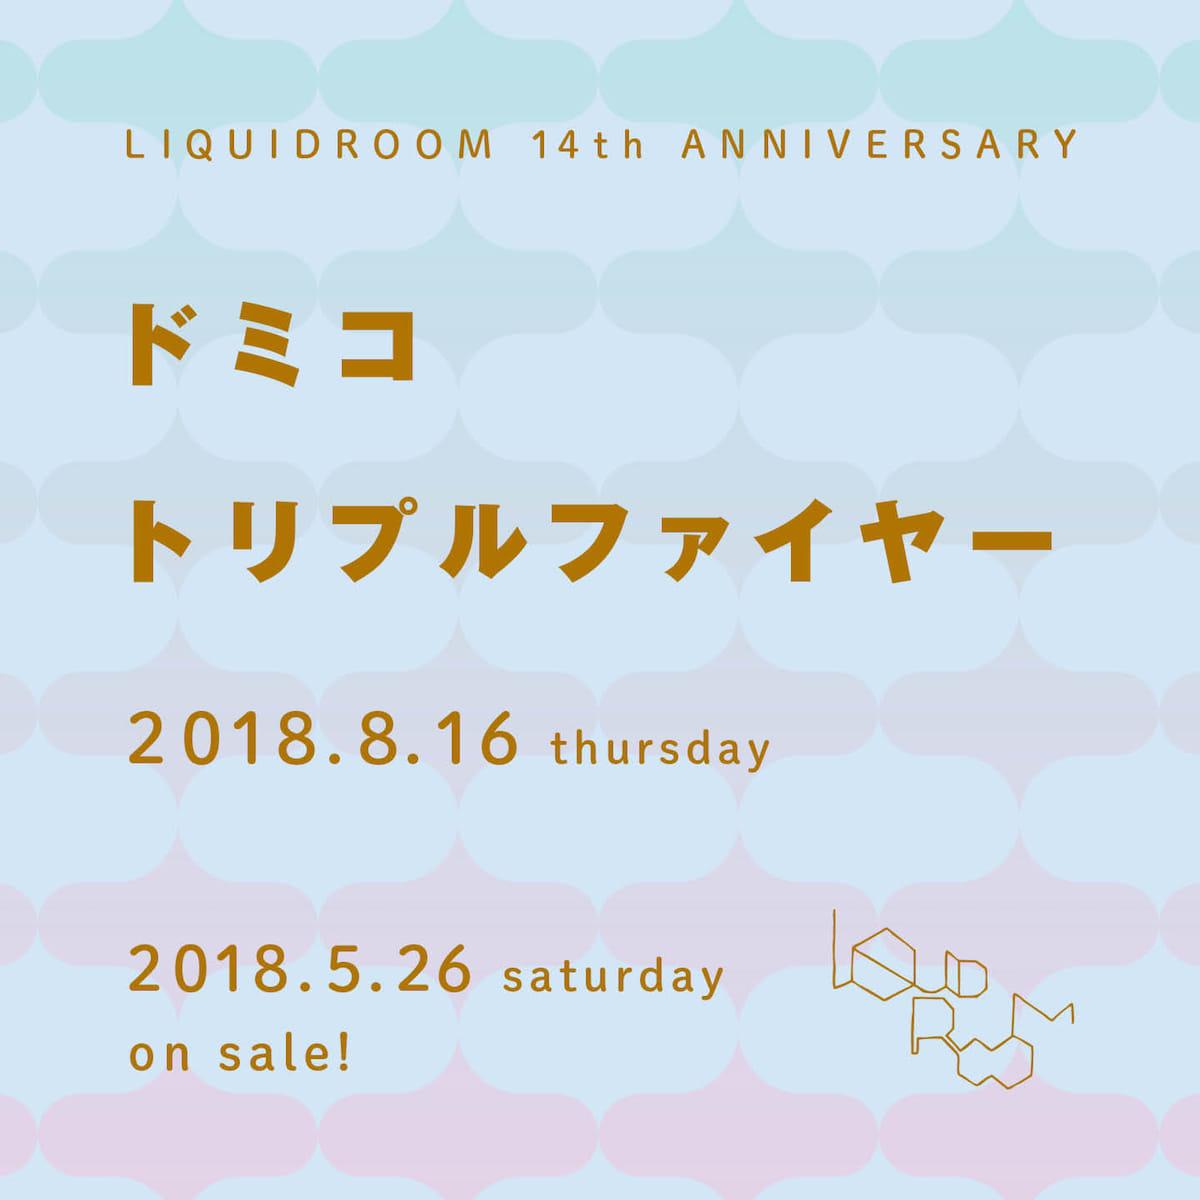 LIQUIDROOM14周年公演にペトロールズ、ドミコ×トリプルファイヤー、怒髪天×eastern youthが登場 music180522-liquidroom-1-1200x1200